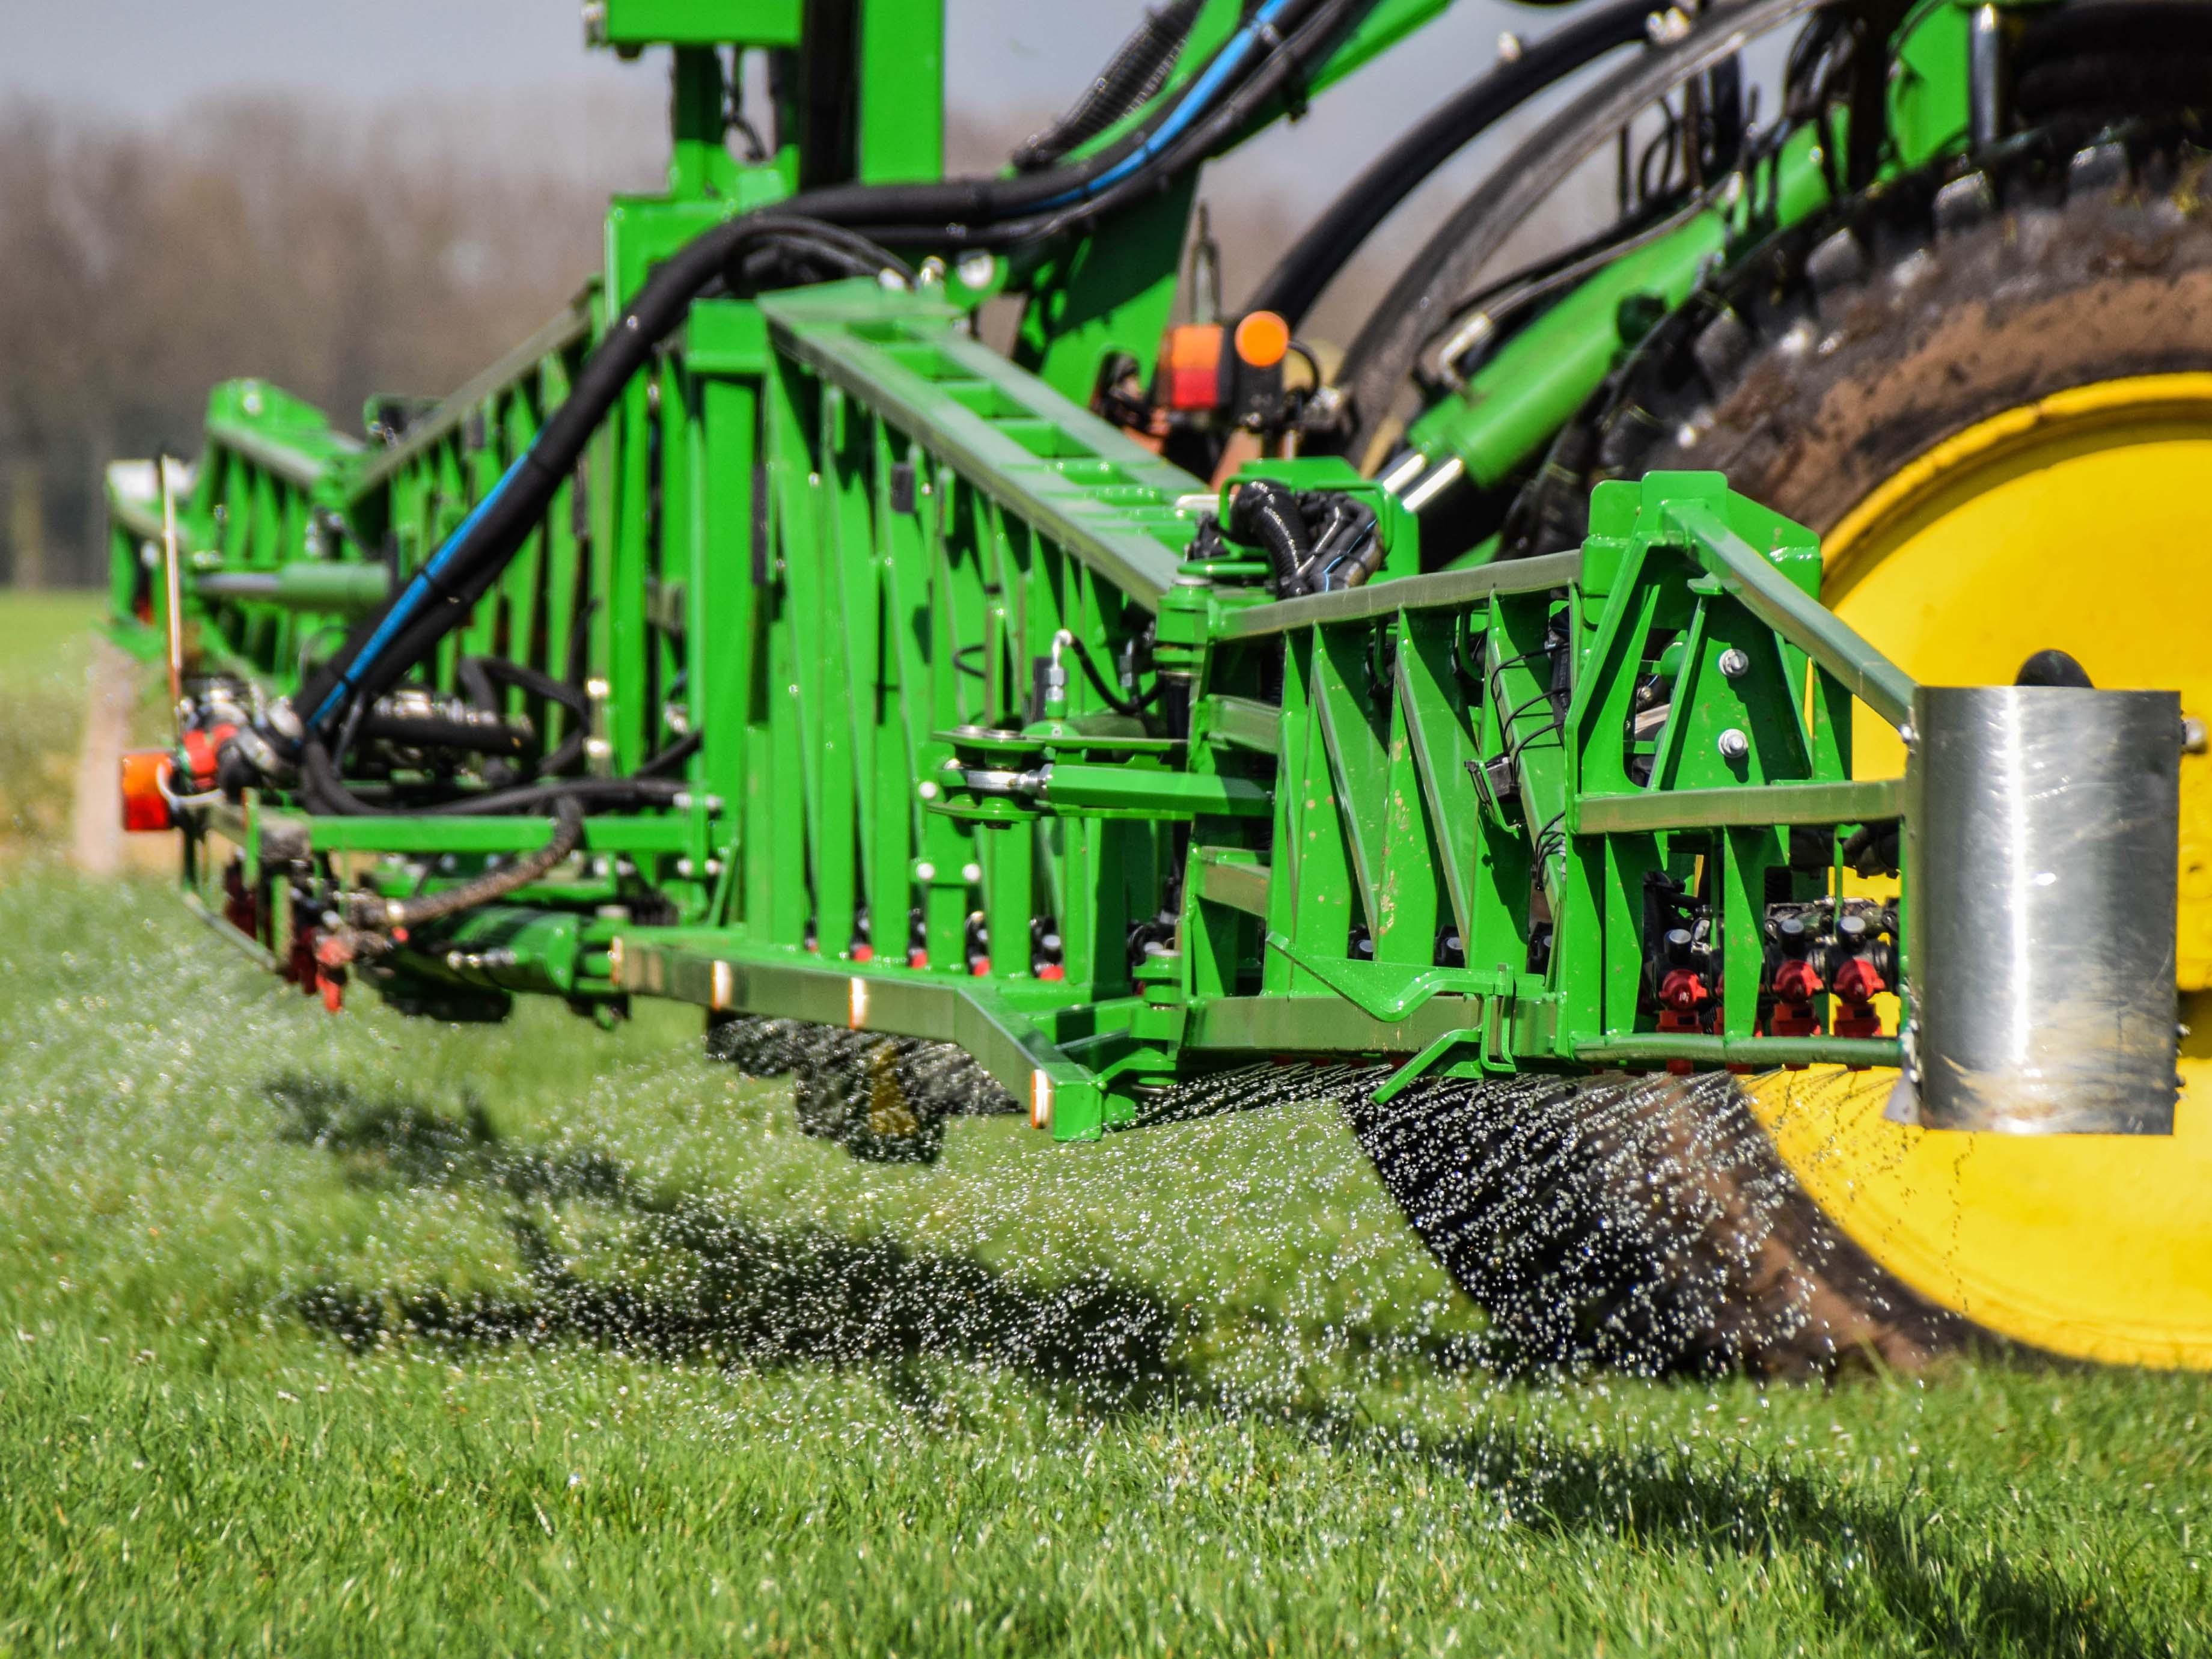 gewasbescherming Vloeibare meststoffen spuiten